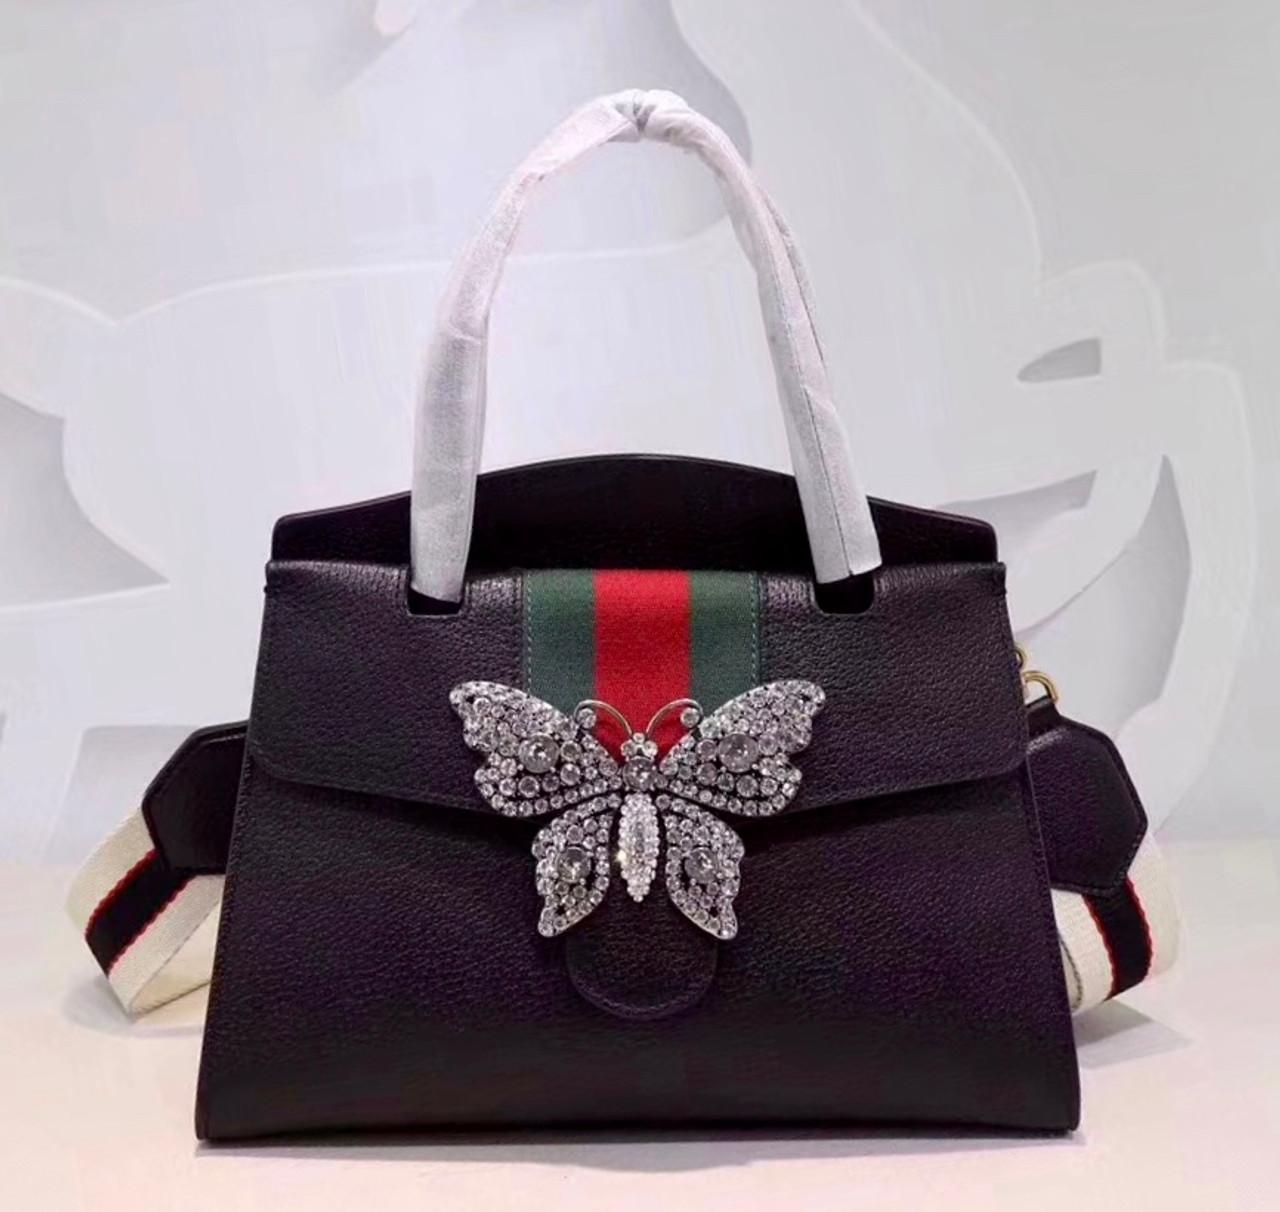 f9392a7f6323 GucciTotem medium top handle bag Black - Bella Vita Moda